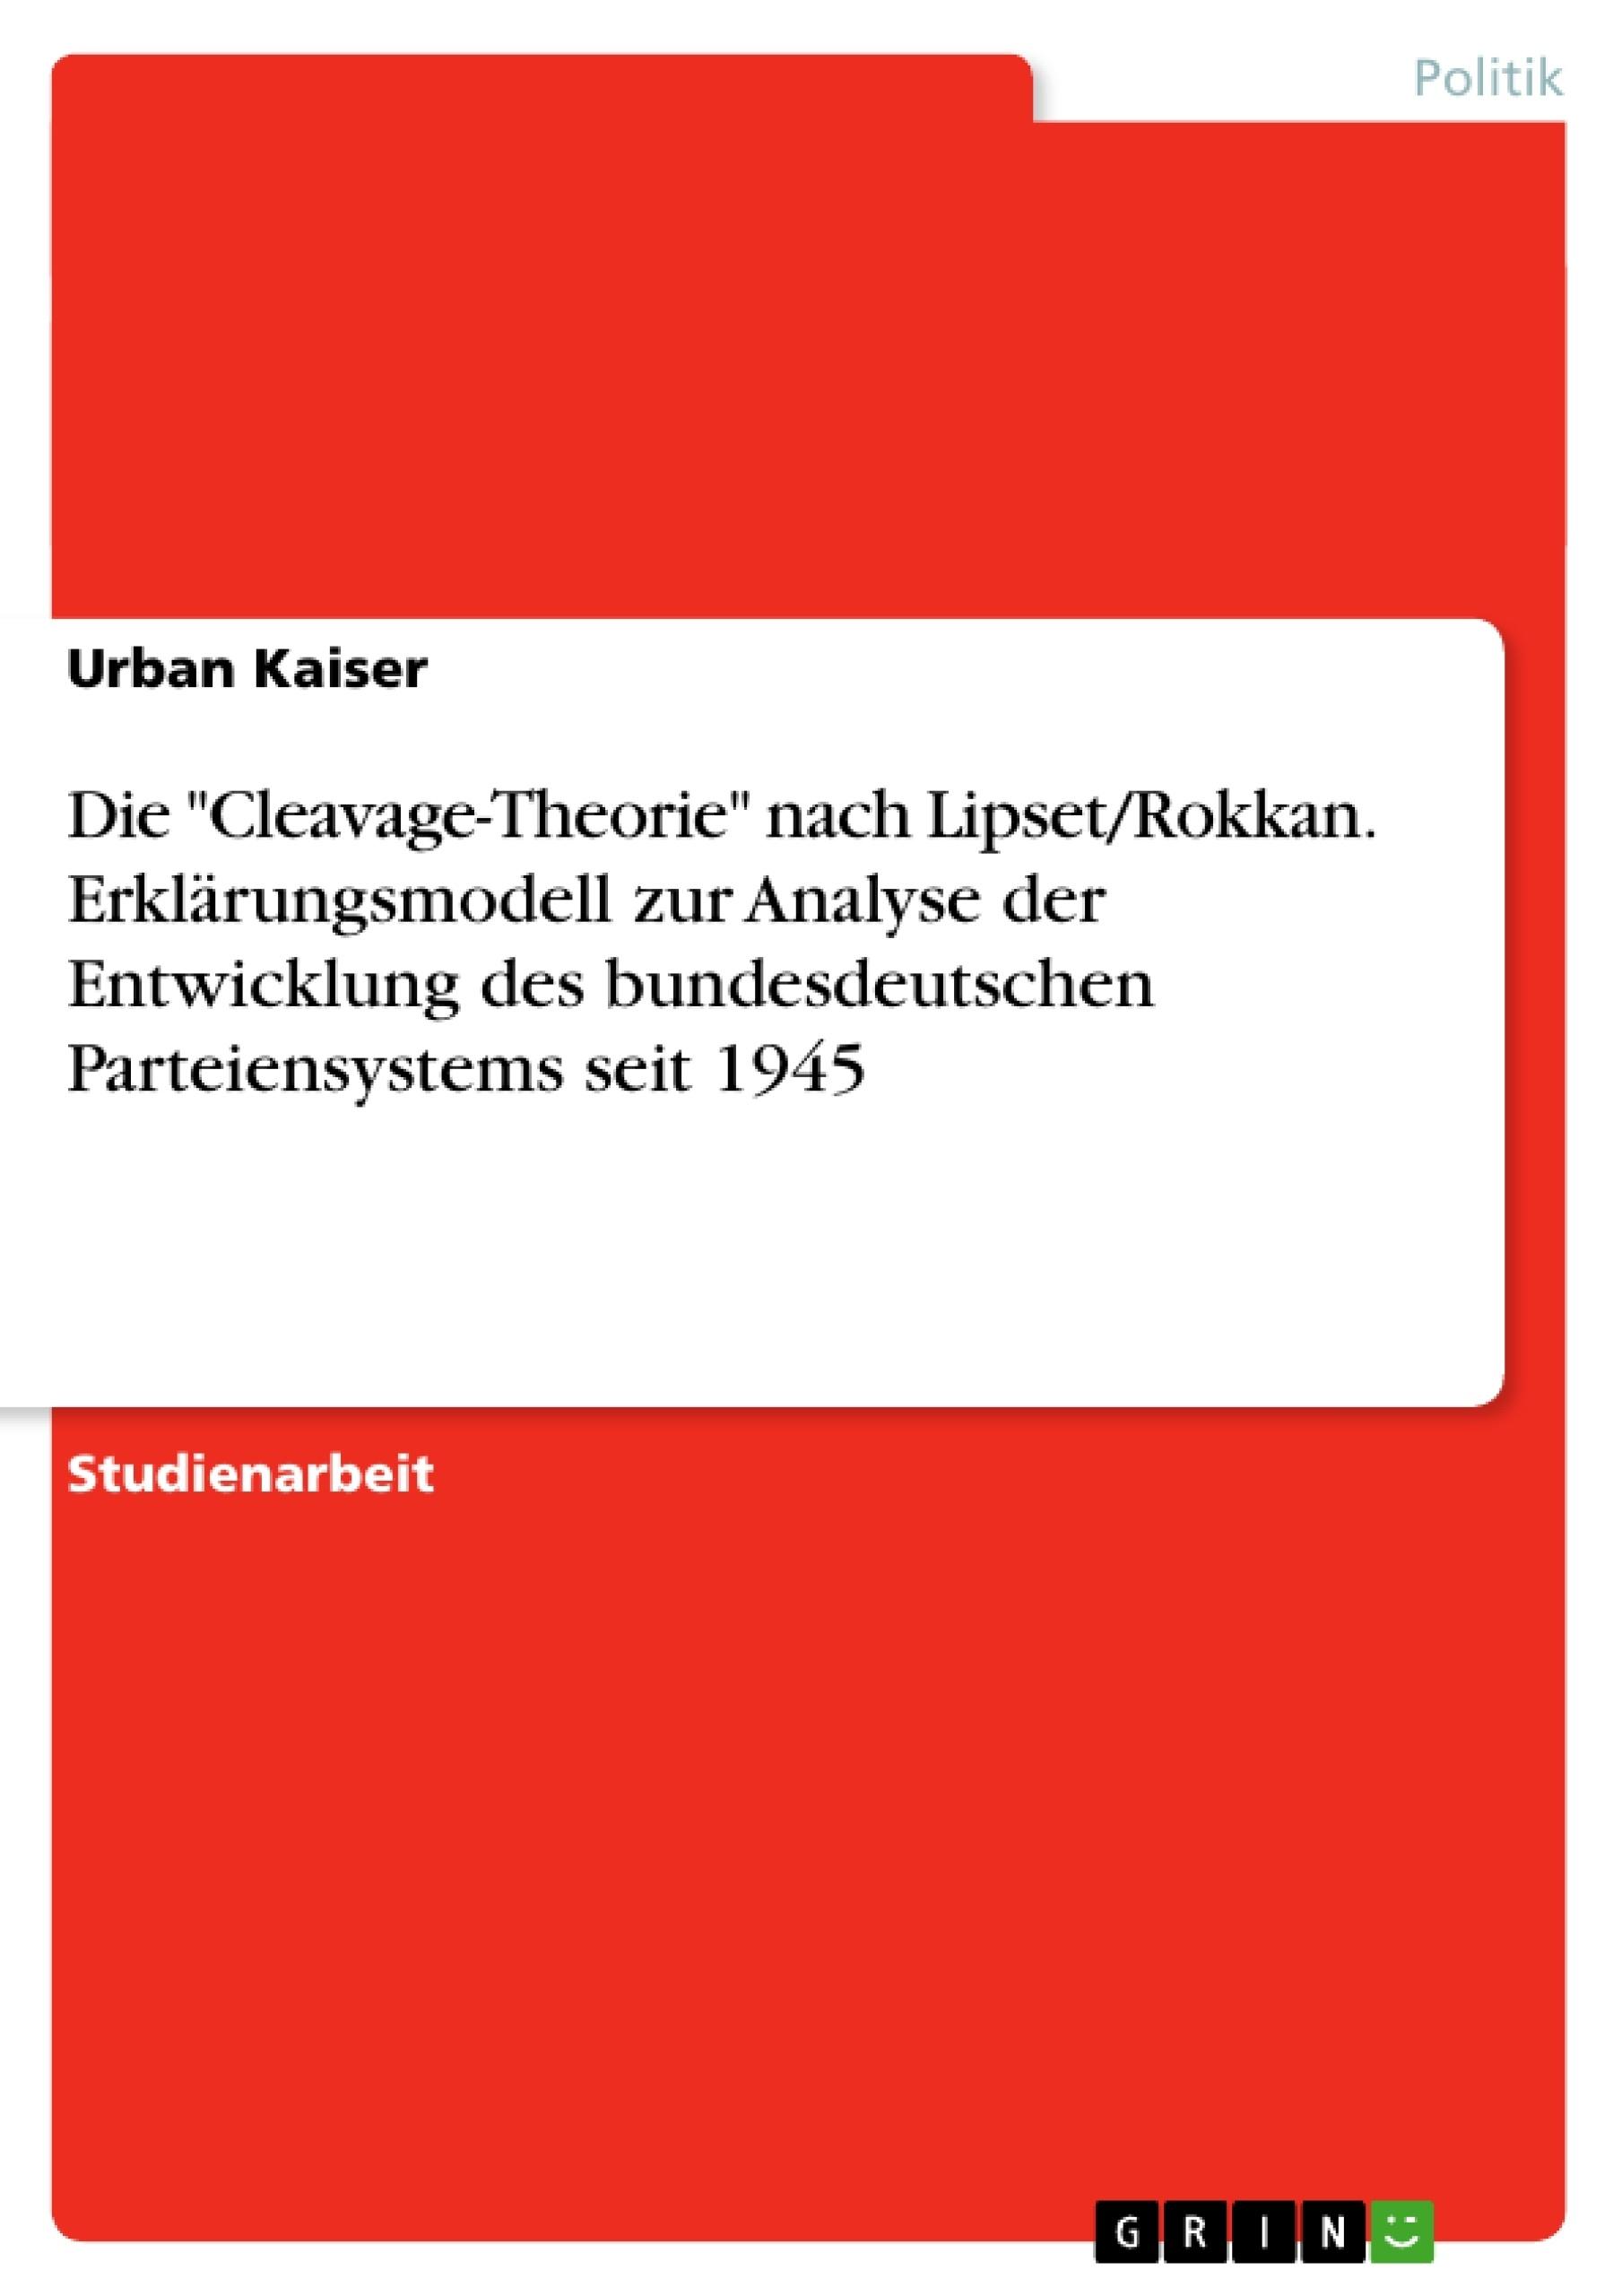 """Titel: Die """"Cleavage-Theorie"""" nach Lipset/Rokkan. Erklärungsmodell zur Analyse der Entwicklung des bundesdeutschen Parteiensystems seit 1945"""